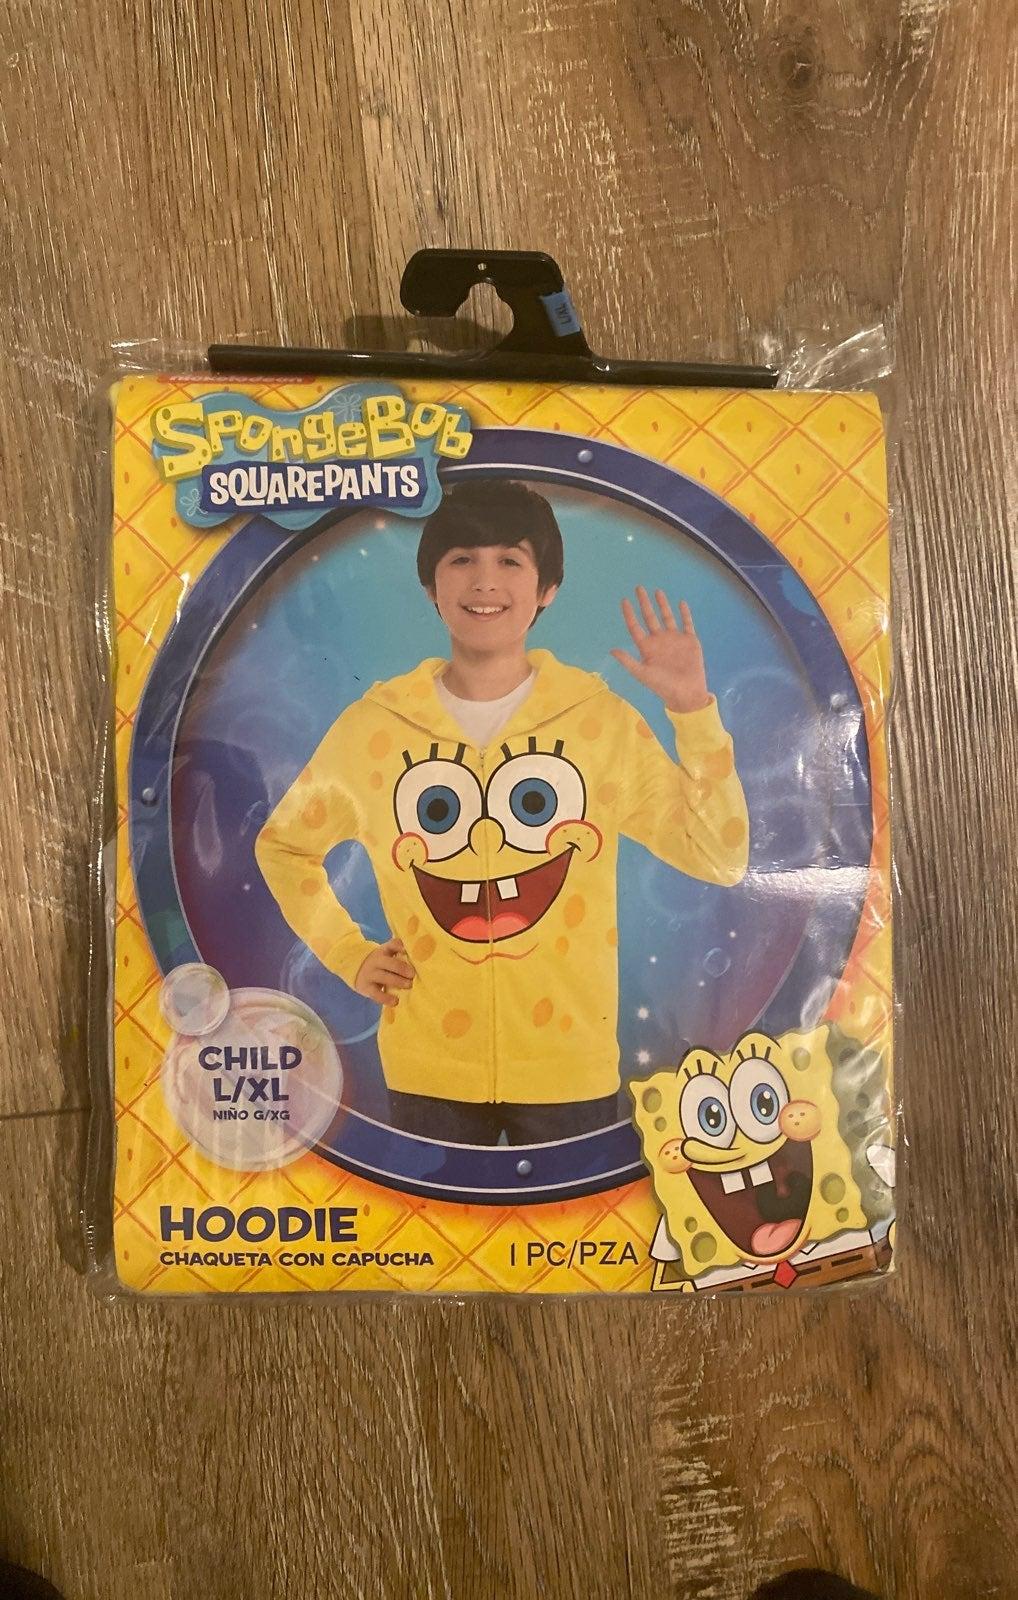 Sponge bob costume sweatshirt